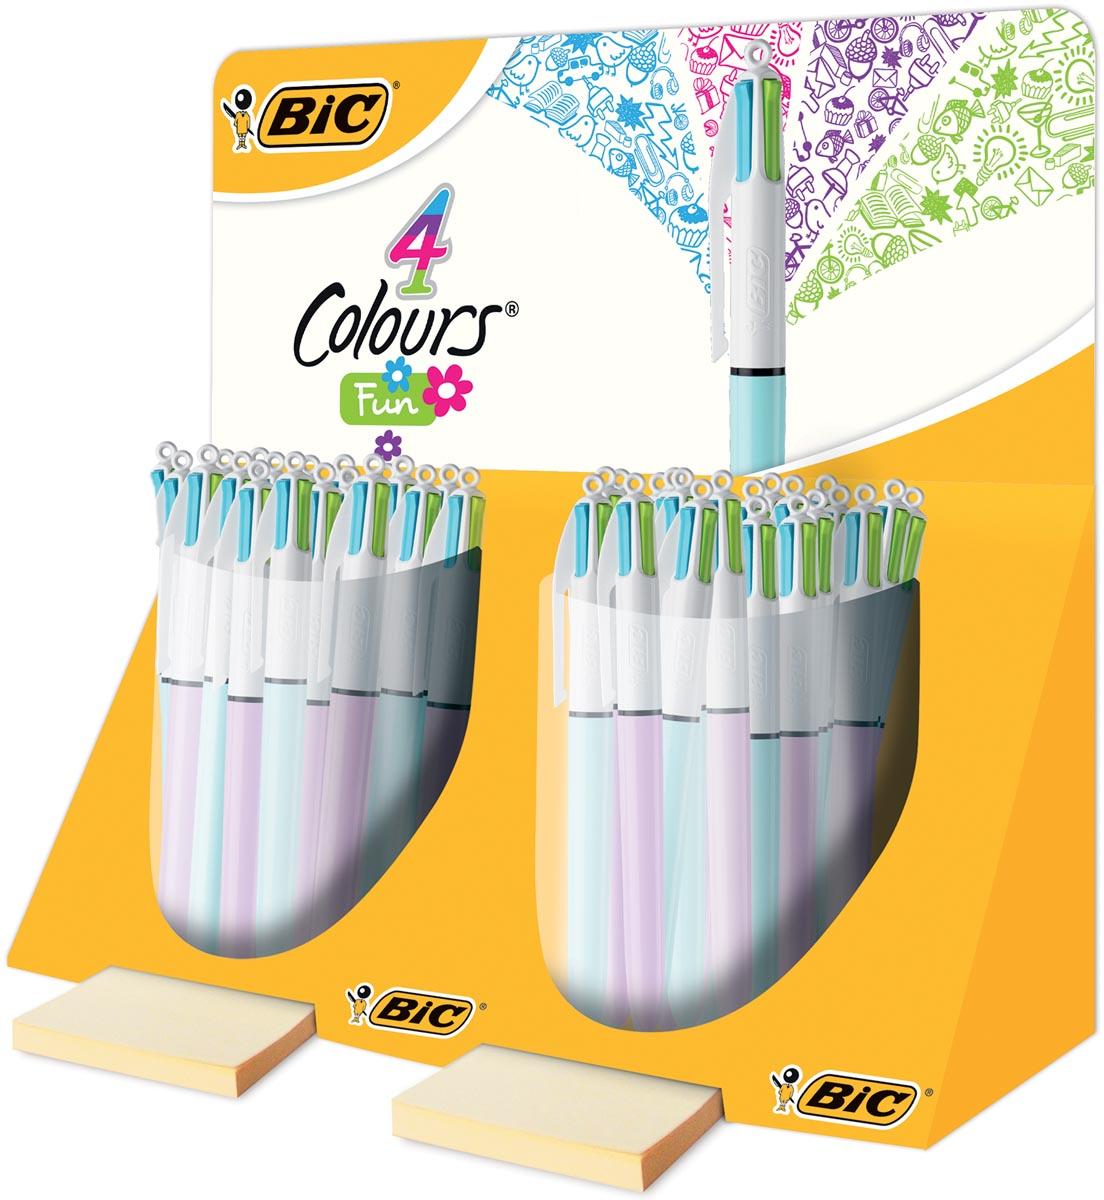 Afbeelding van Bic balpen 4 Colours Fashion, display met 40 stuks